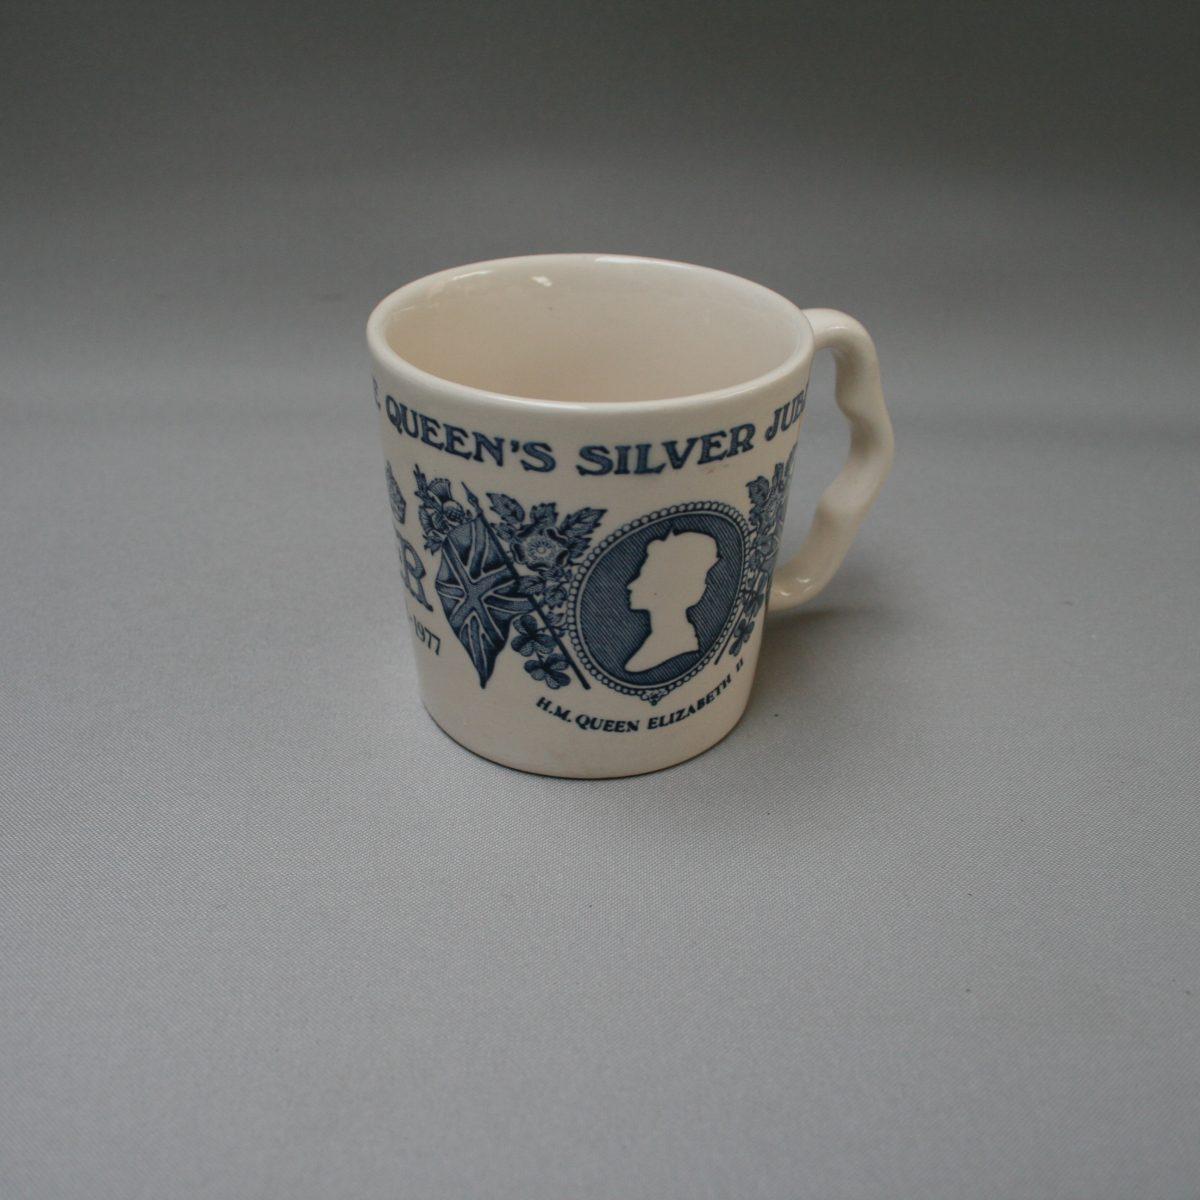 Mason's Silver Jubilee commemorative mug/williamsantiques